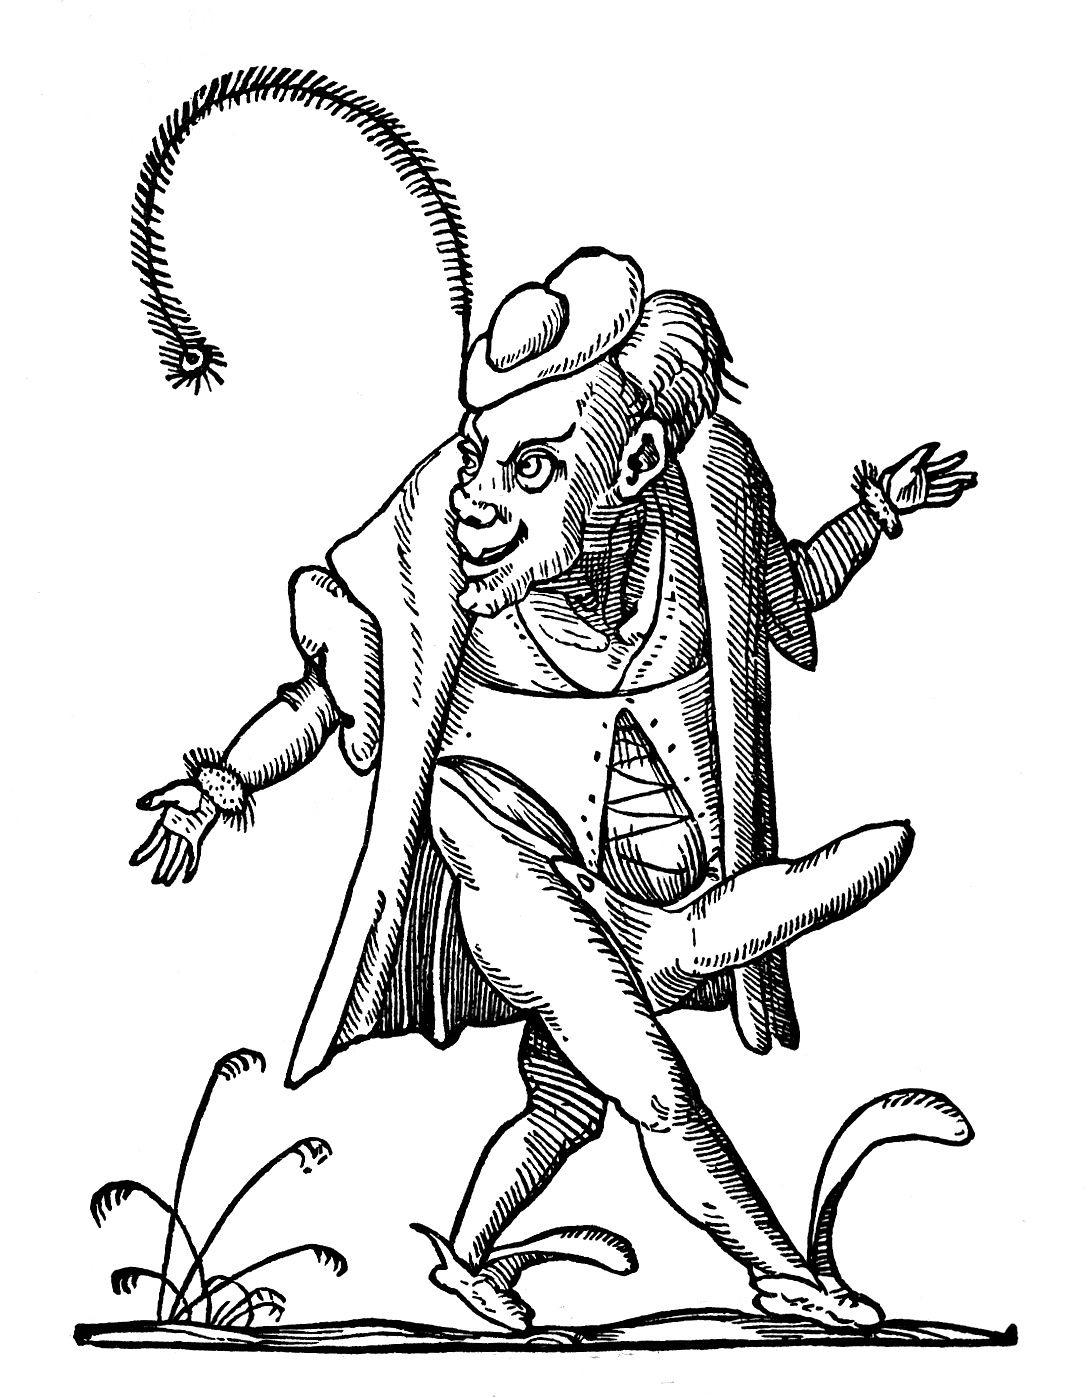 le bandeau du site des Cahiers de l'Égaré; l'accroche du site: ayez peur du théâtre, il parle de vous et du monde; gravure attribuée à Rabelais pour illustrer son éloge du gai savoir